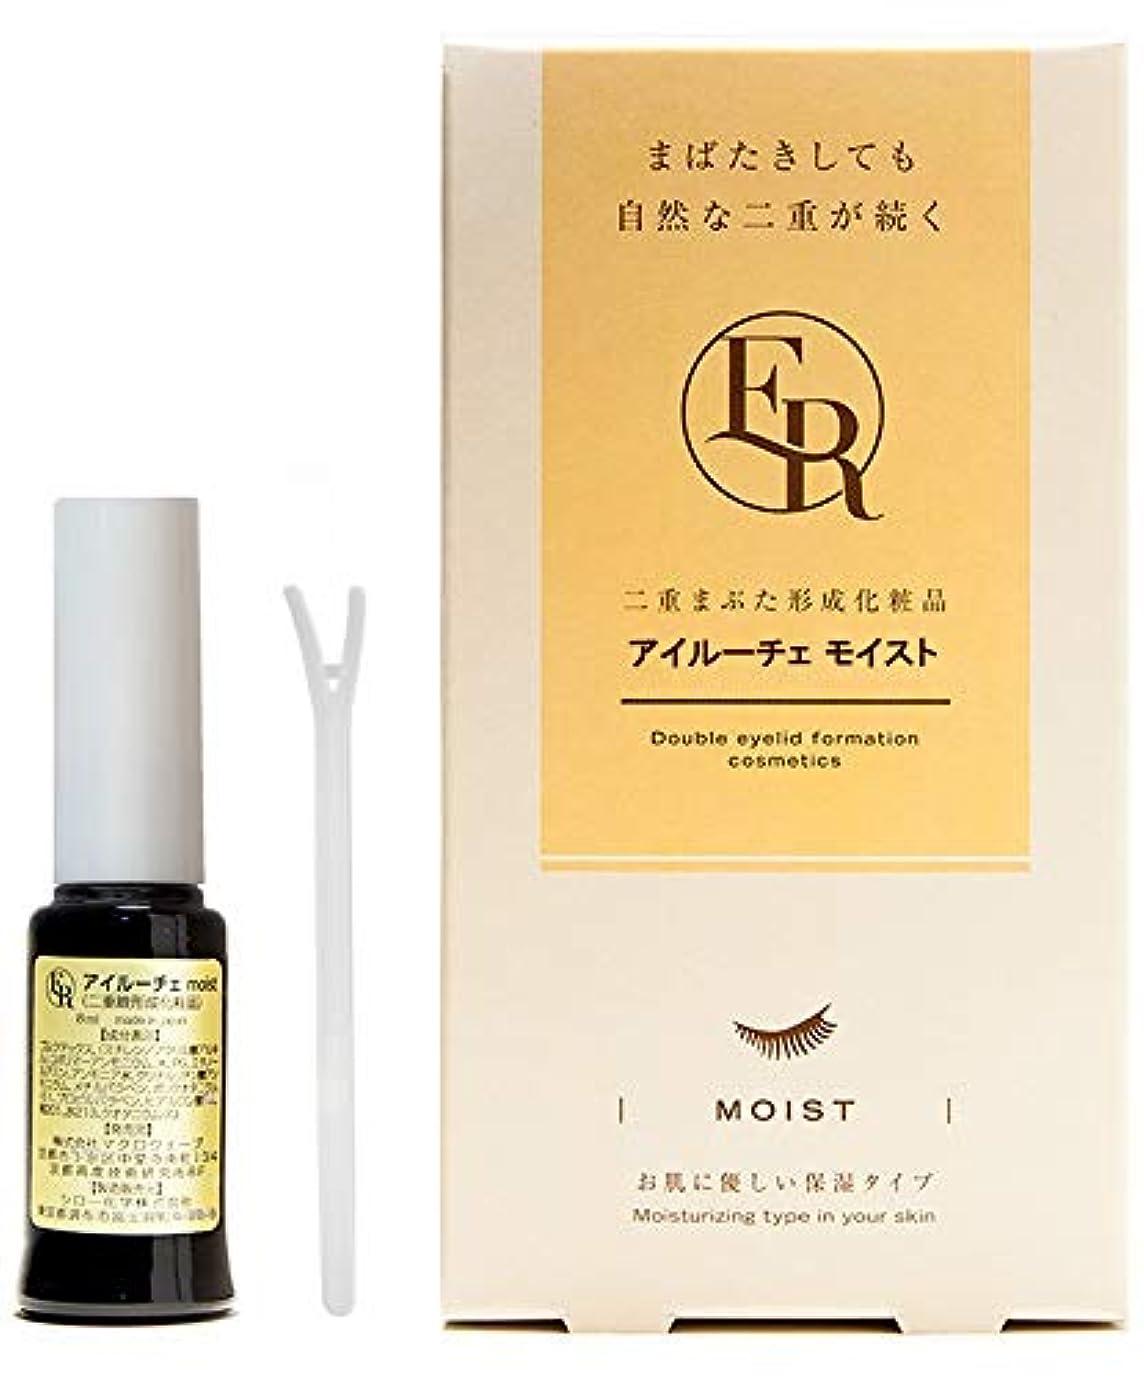 硫黄できる資金アイルーチェ モイスト 8ml 二重まぶた形成化粧品 mer8mv2